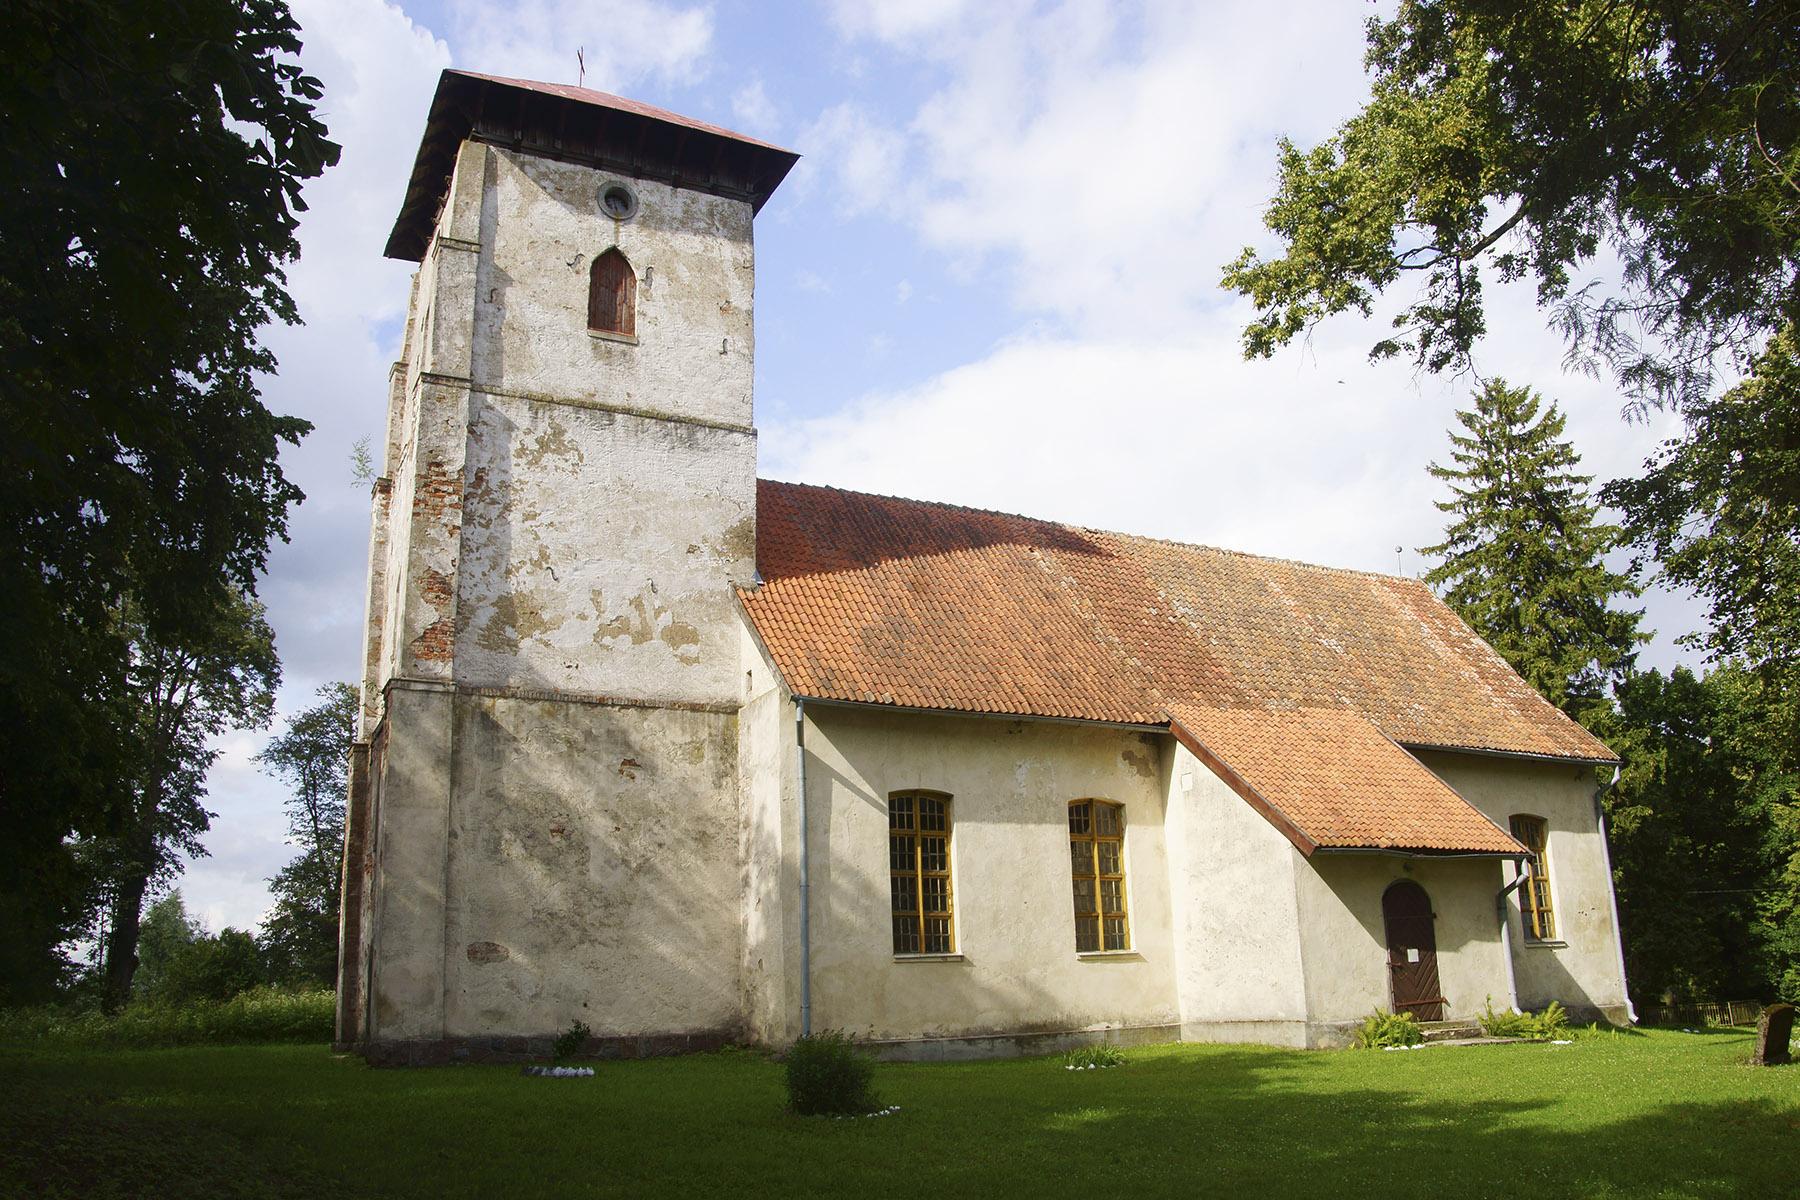 Kościół w Dąbrówce, zbudowany na miejscu wcześniejszej świątyni w 1732 r.